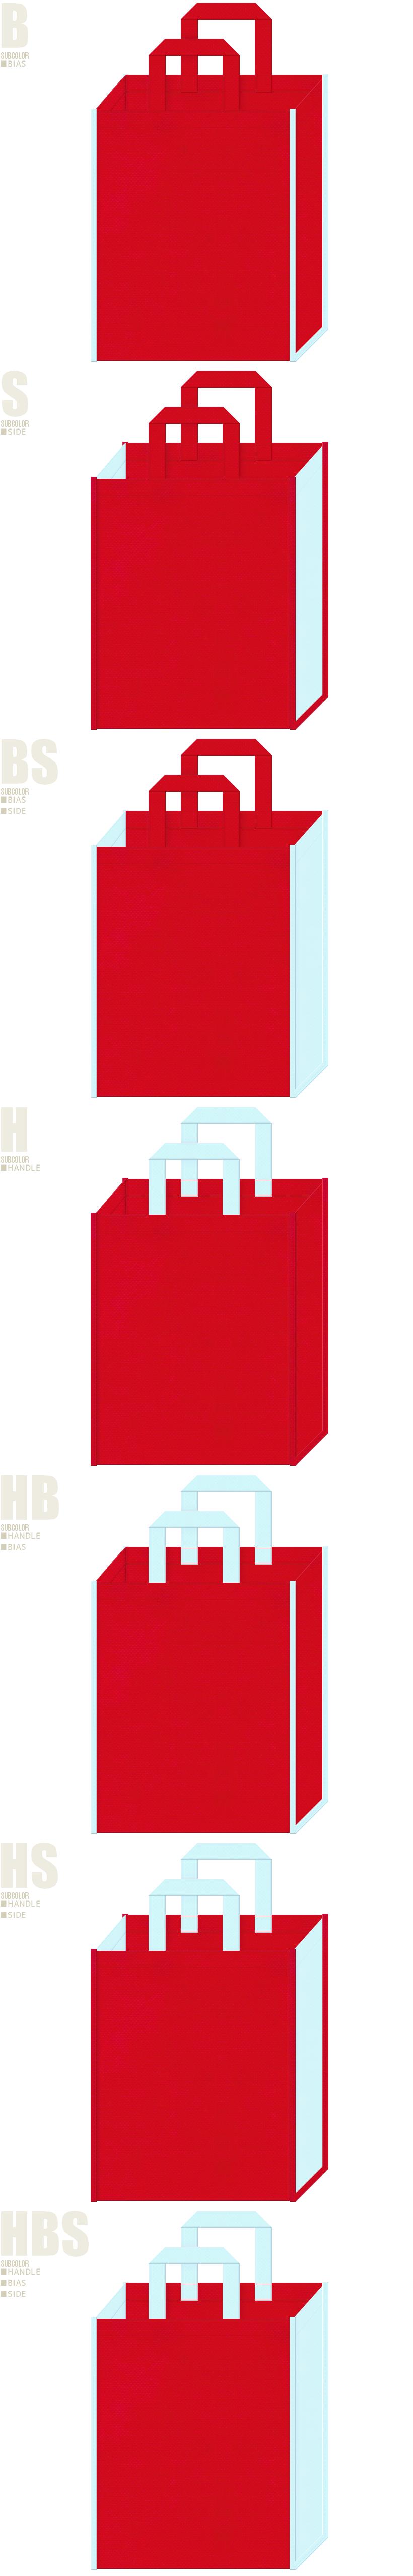 金魚・風鈴・夏祭りにお奨めの不織布バッグのデザイン:紅色と水色の配色7パターン